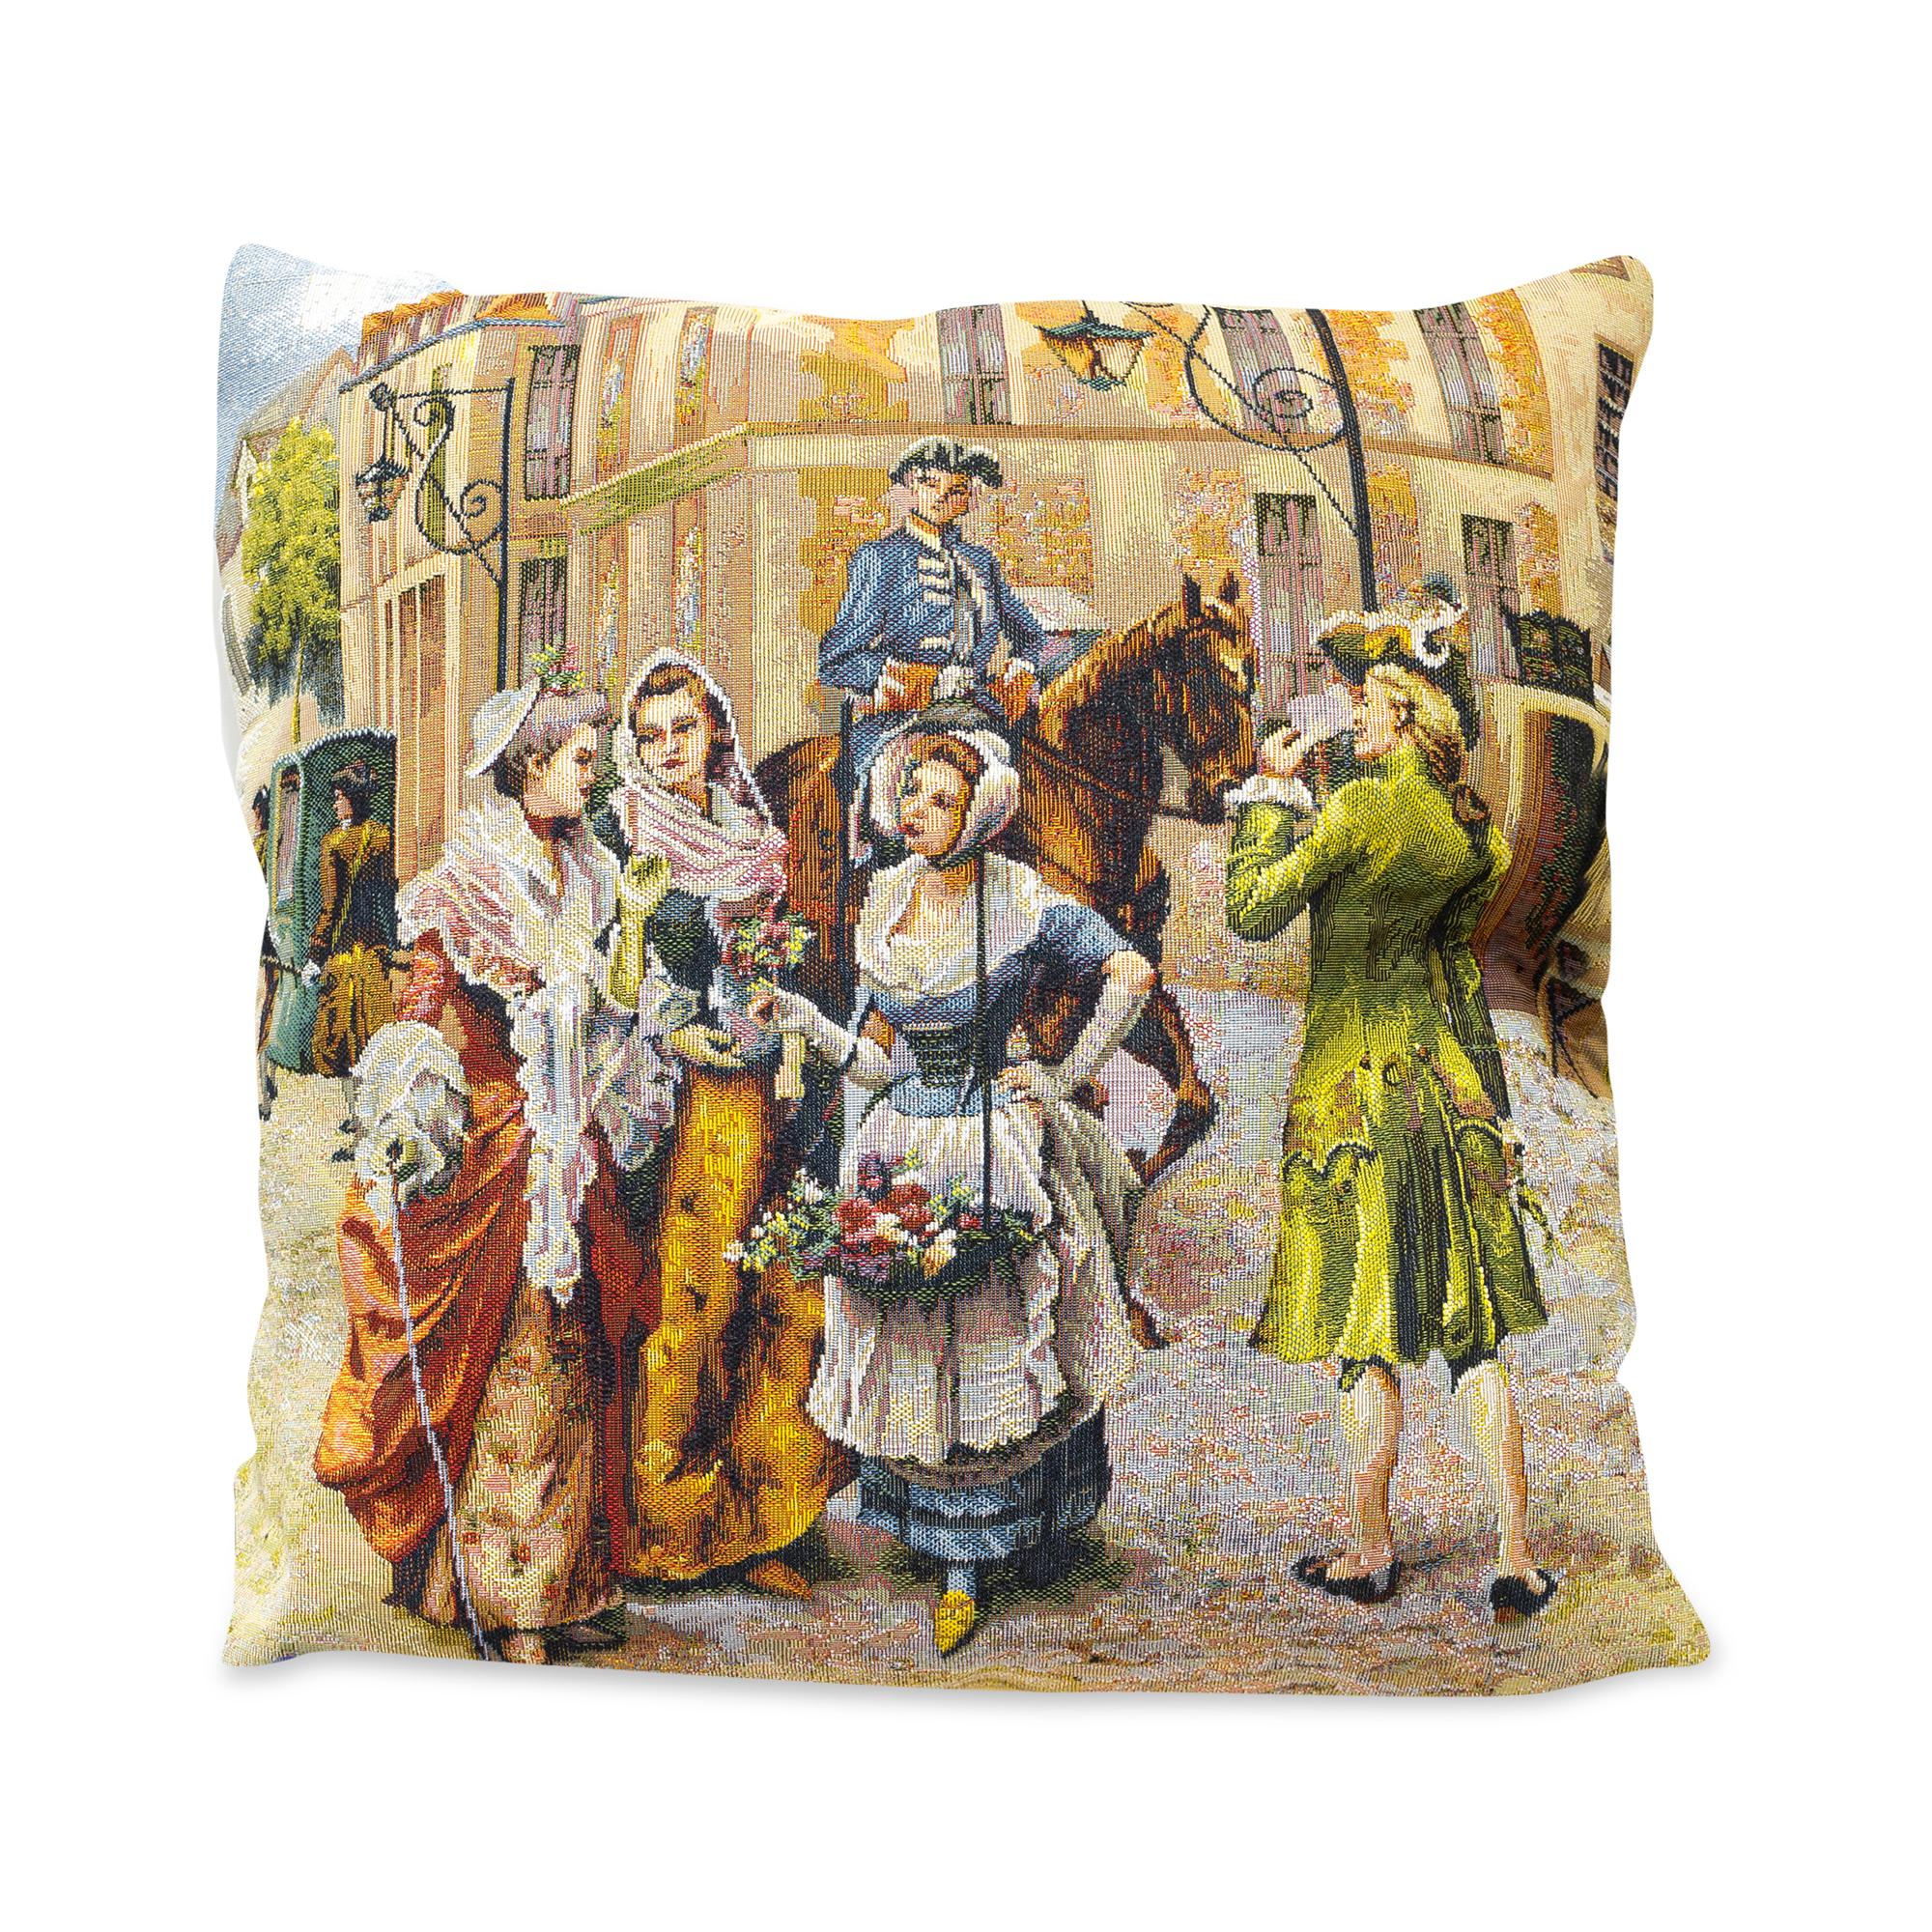 Купить Декоративные подушки A La Gobelin, Декоративная подушка Старый Париж - Цветочница (45х45), Россия, Мультиколор, Гобелен